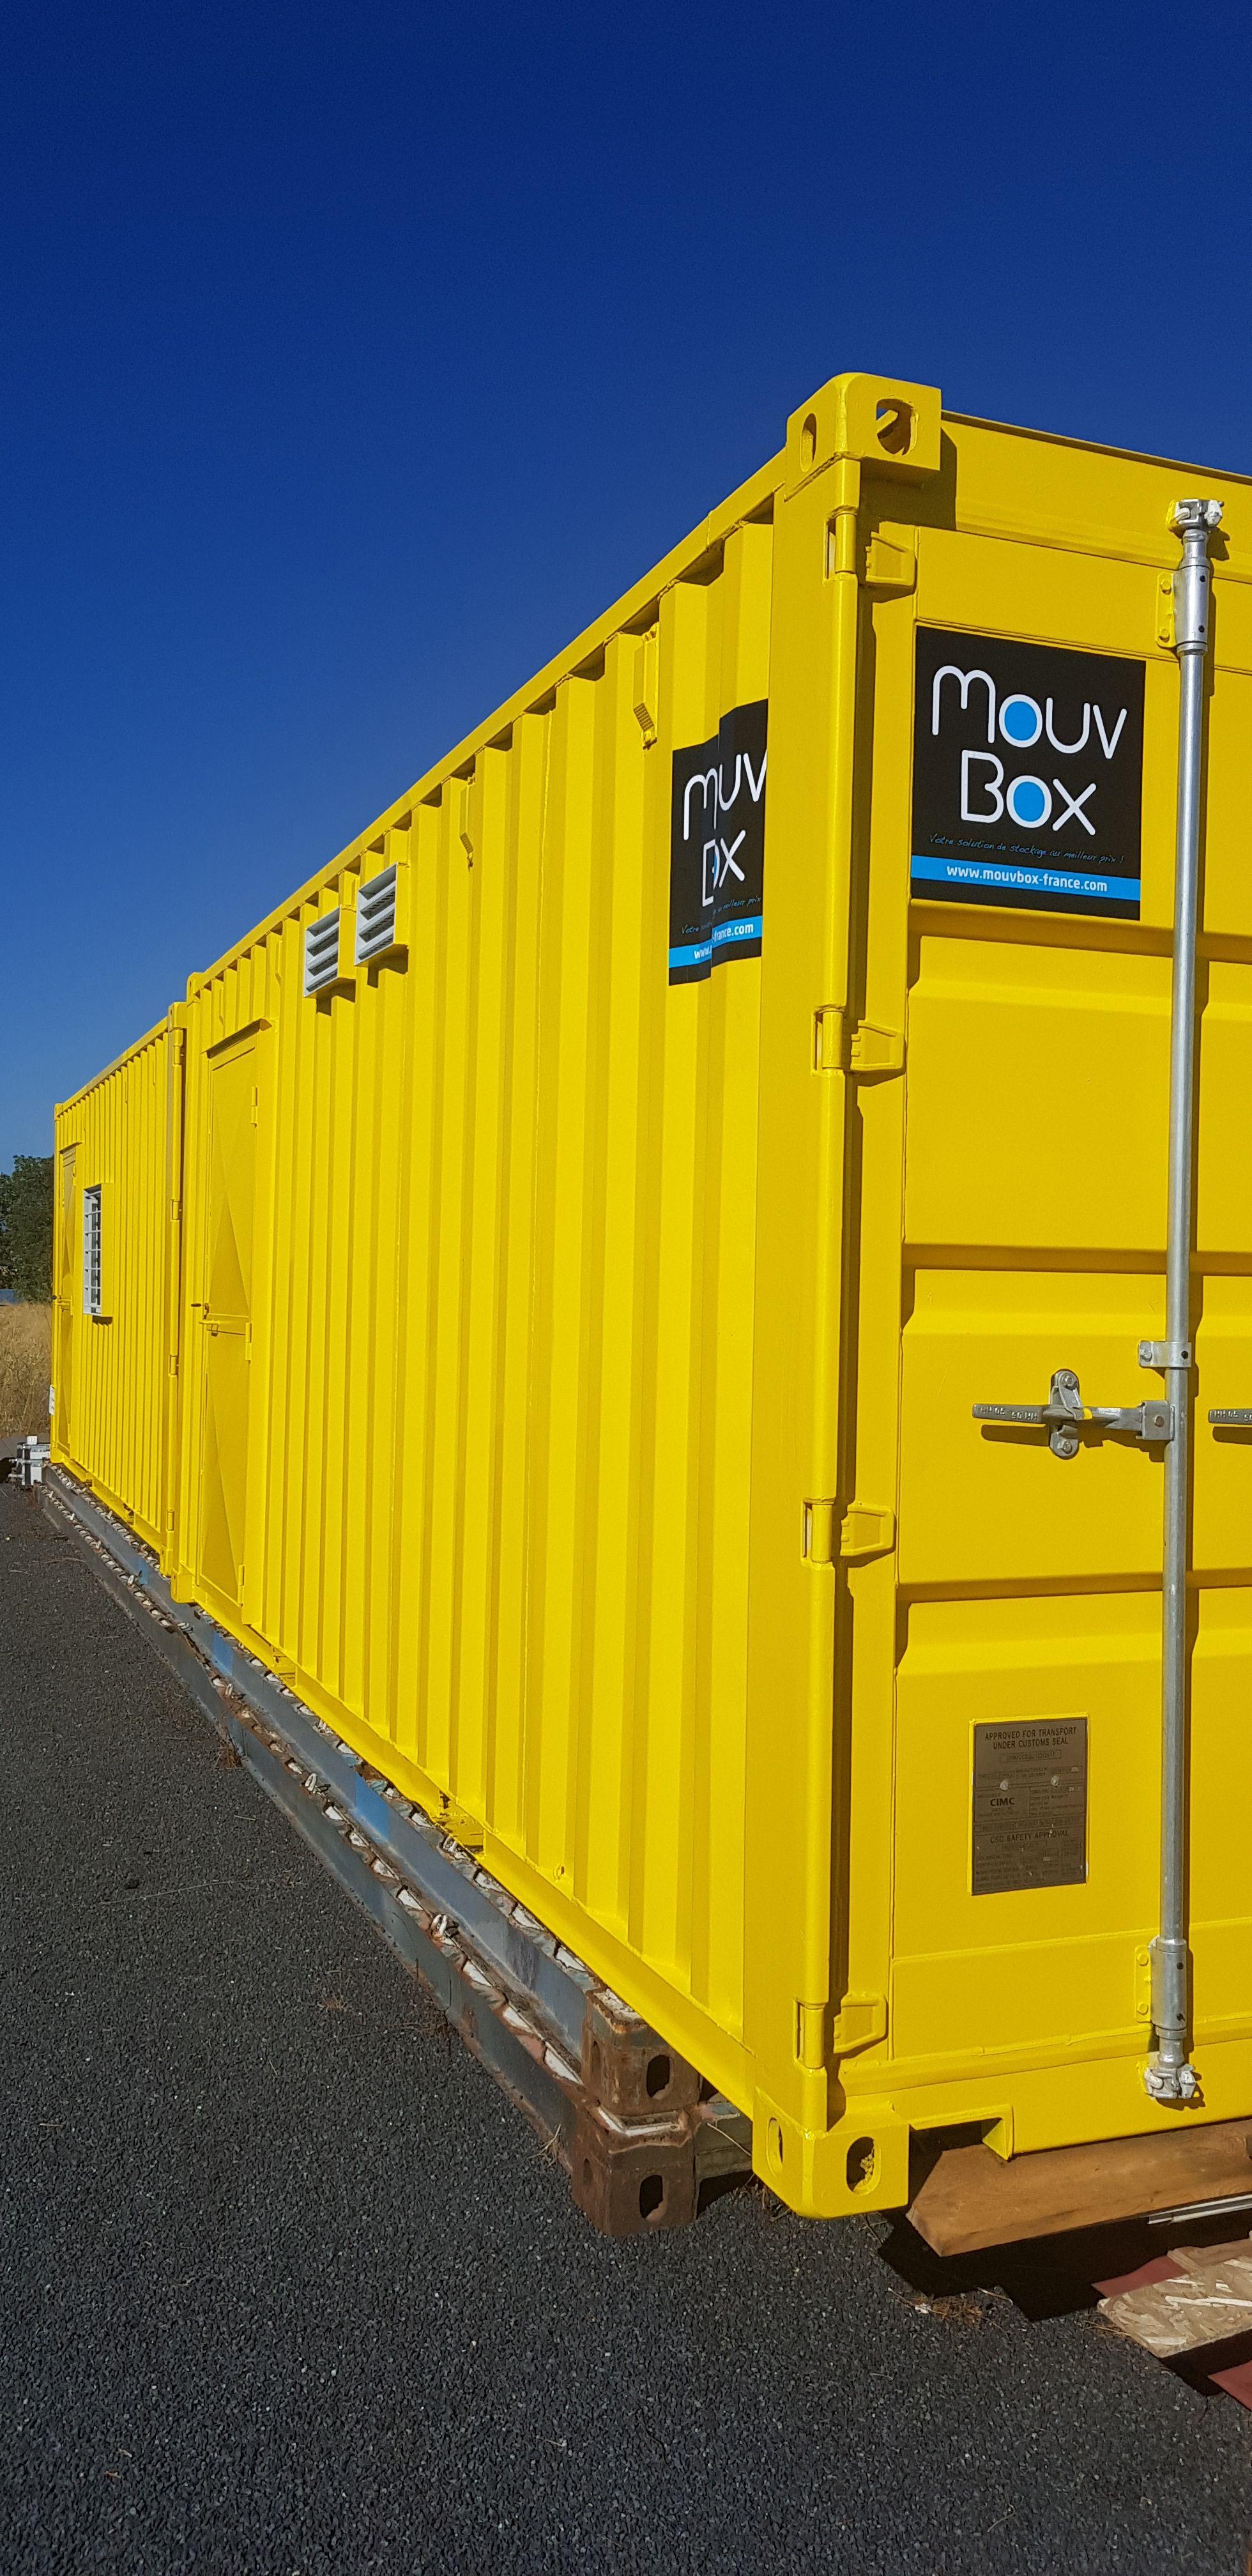 conteneur maritime mouvbox